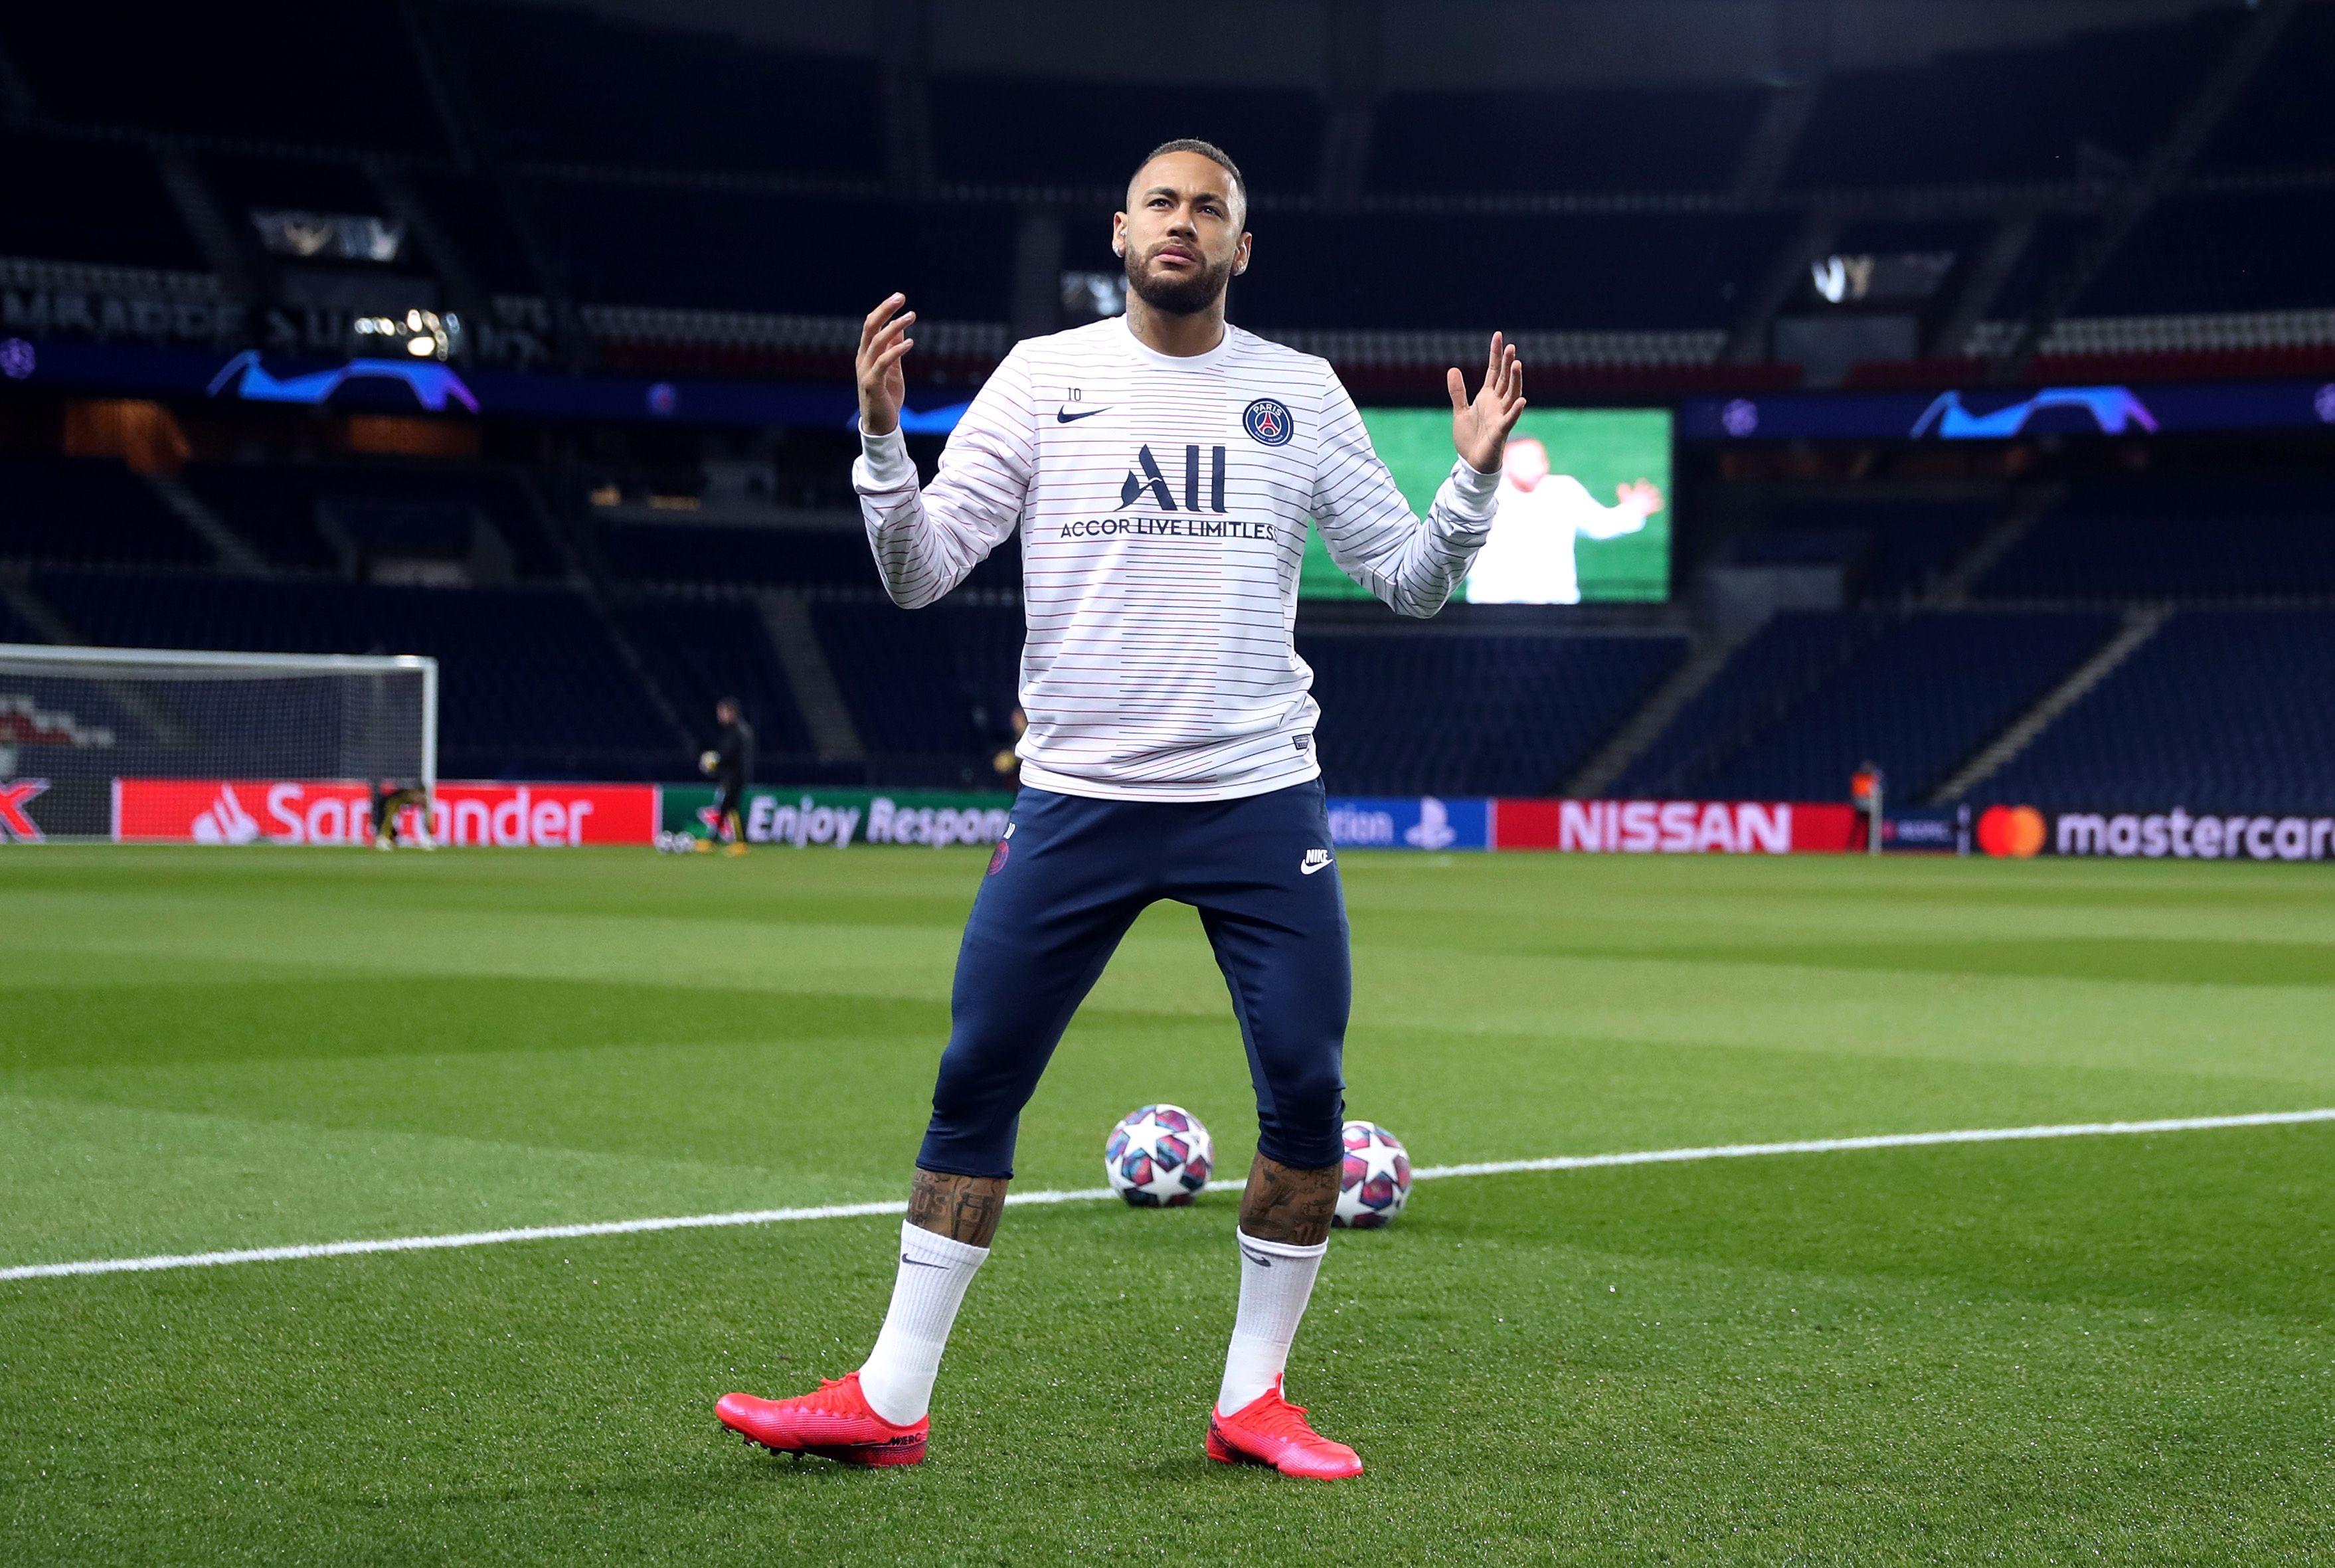 Football - Ligue des champions - PSG-Dortmund : Les images d'un match pas comme les autres